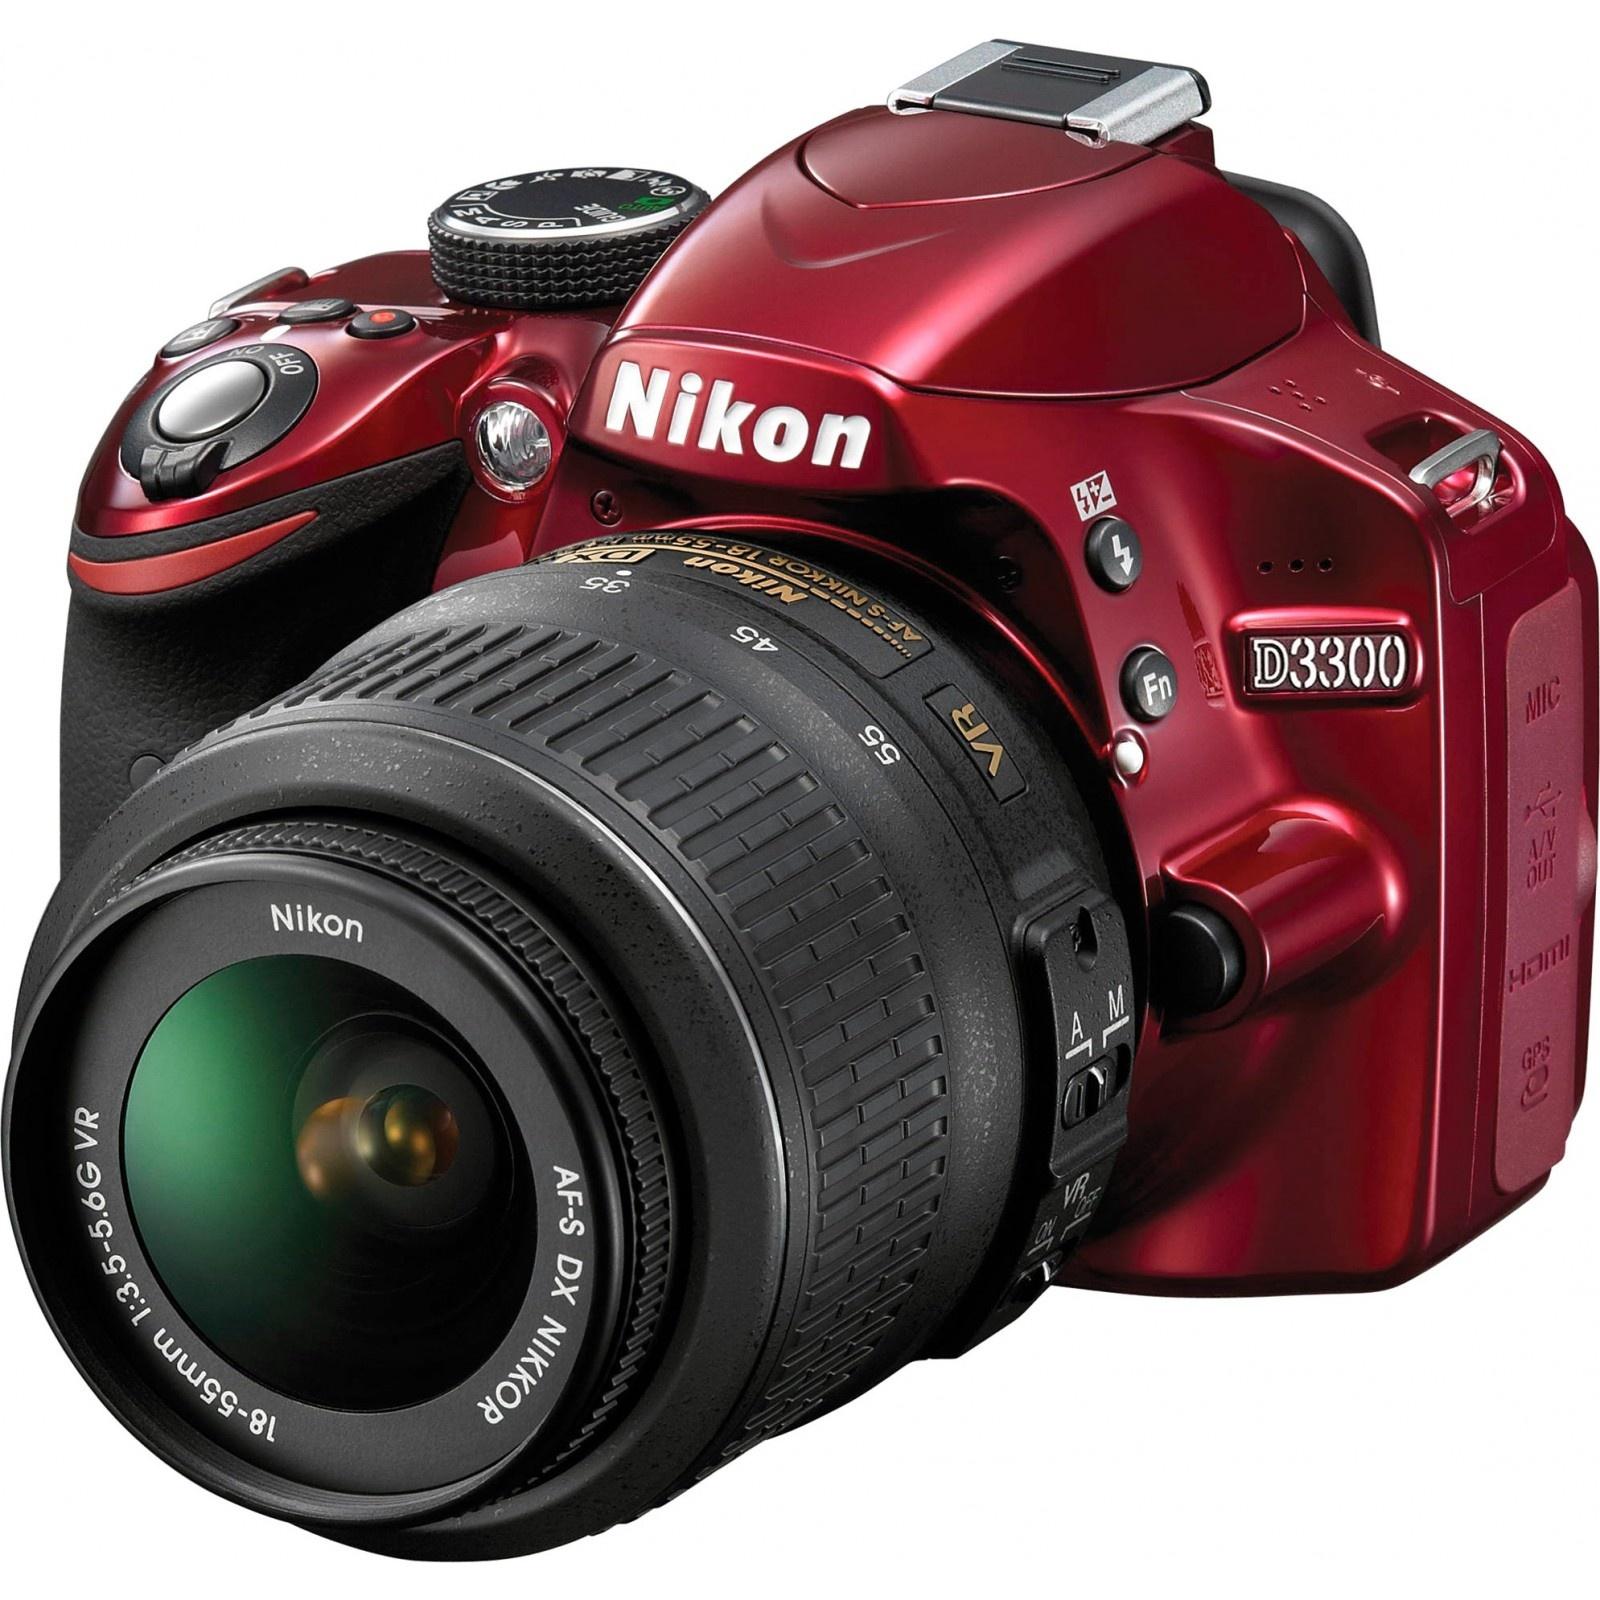 фотоаппарат нокия 5200 как фотографировать плюсом синтетического термобелья